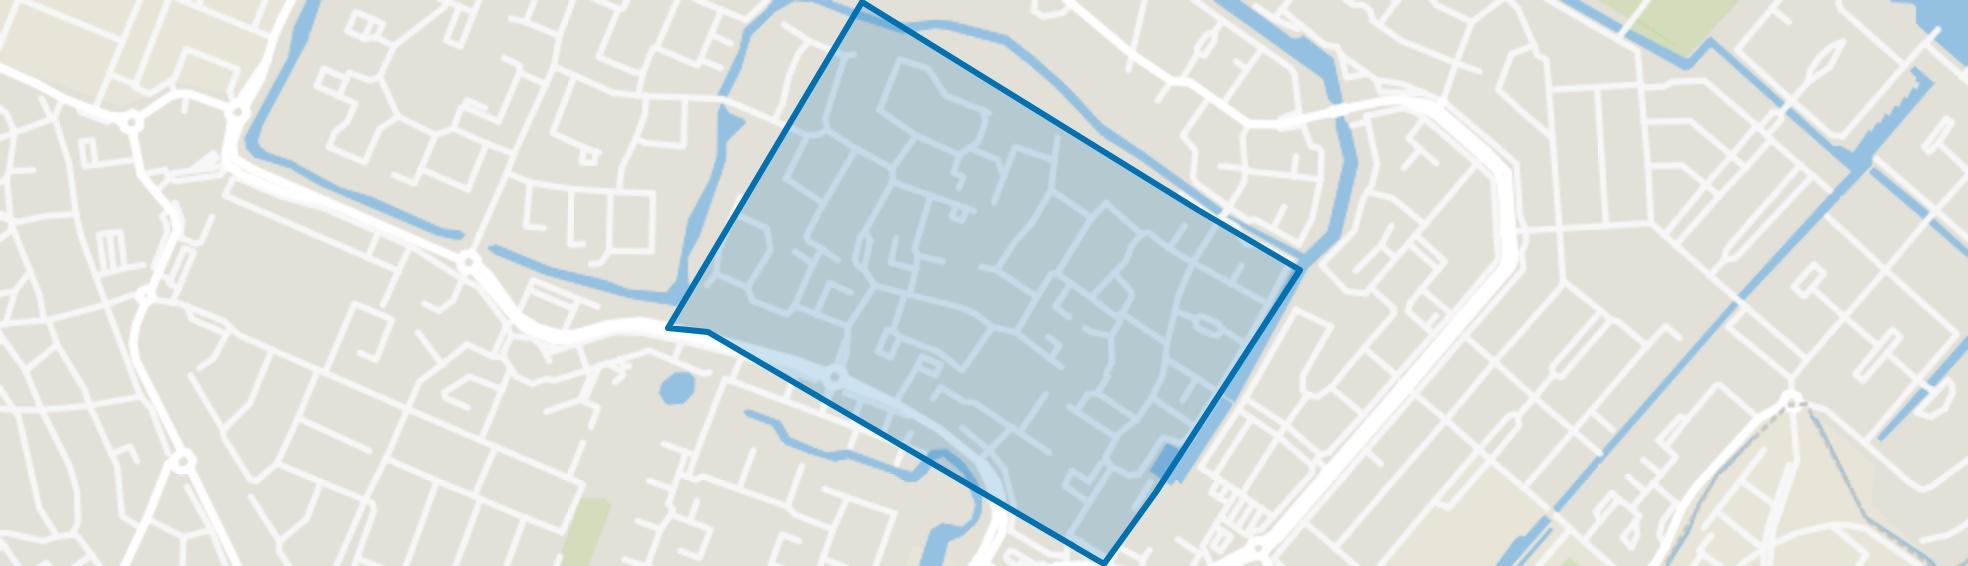 Huizermaat Zuid, Huizen map